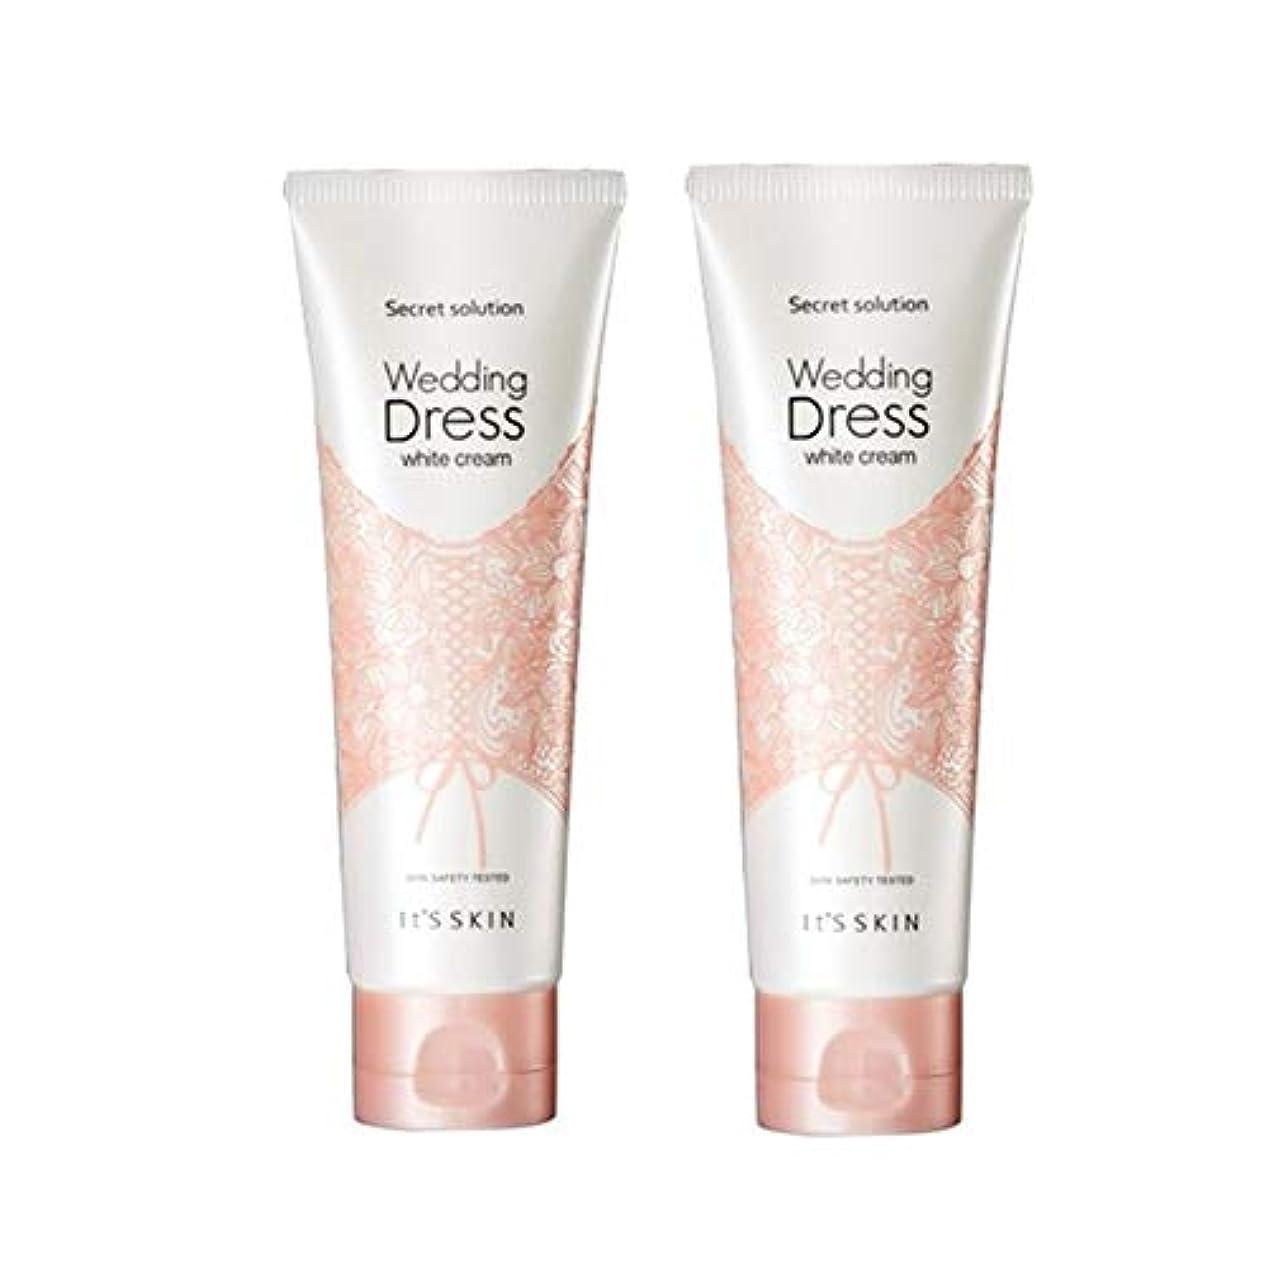 絶対の比類なき拒否イッツスキンのシークレット?ソリューションウェディングドレス?ホワイトクリーム100mlx 2本セット、It's Skin Secret Solution Wedding Dress White Cream 100ml...